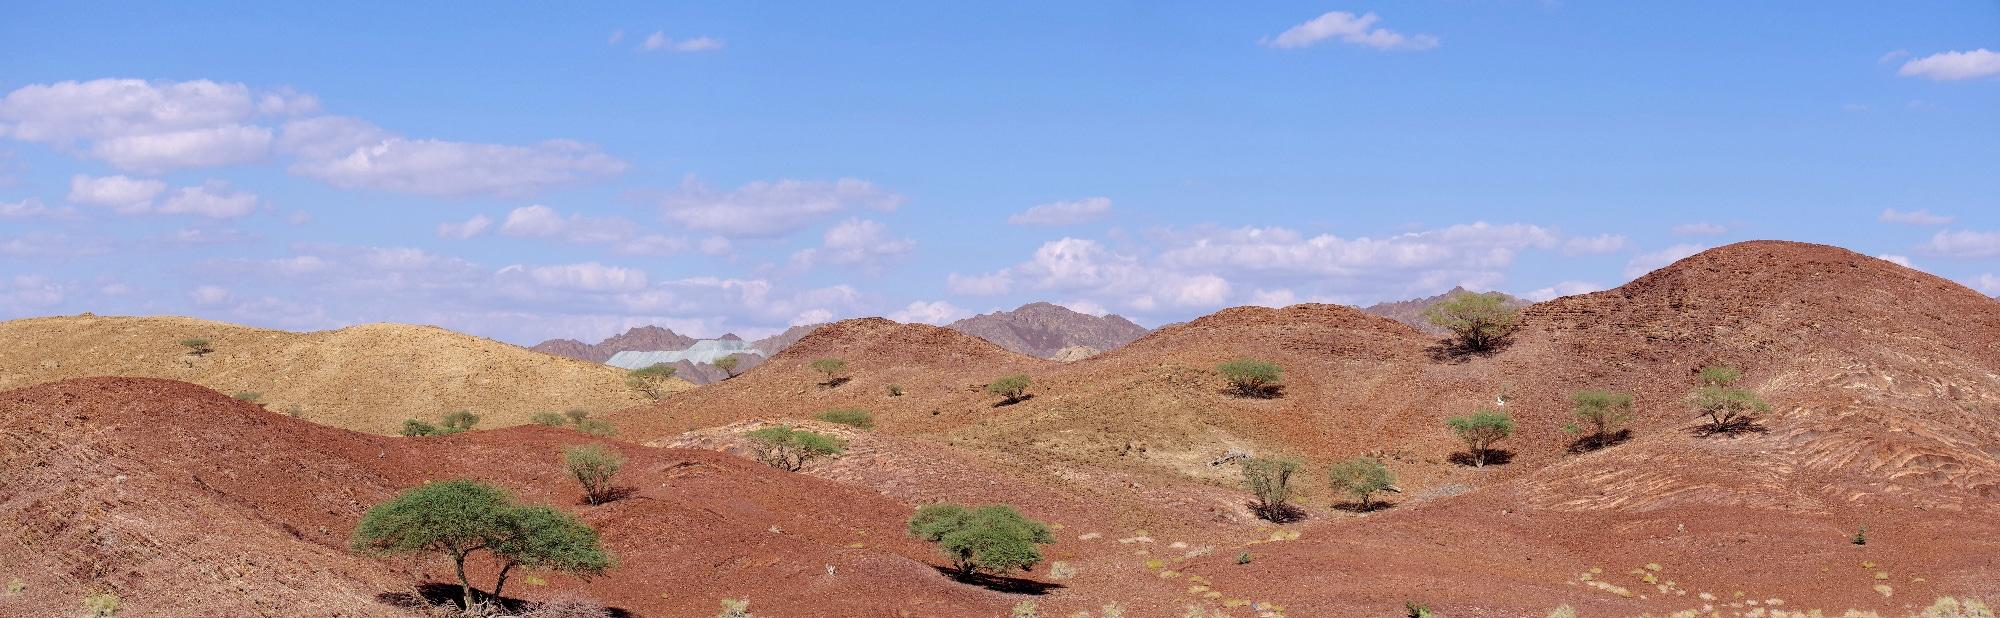 Une mine de chrome dans le fond de ce magnifique paysage.